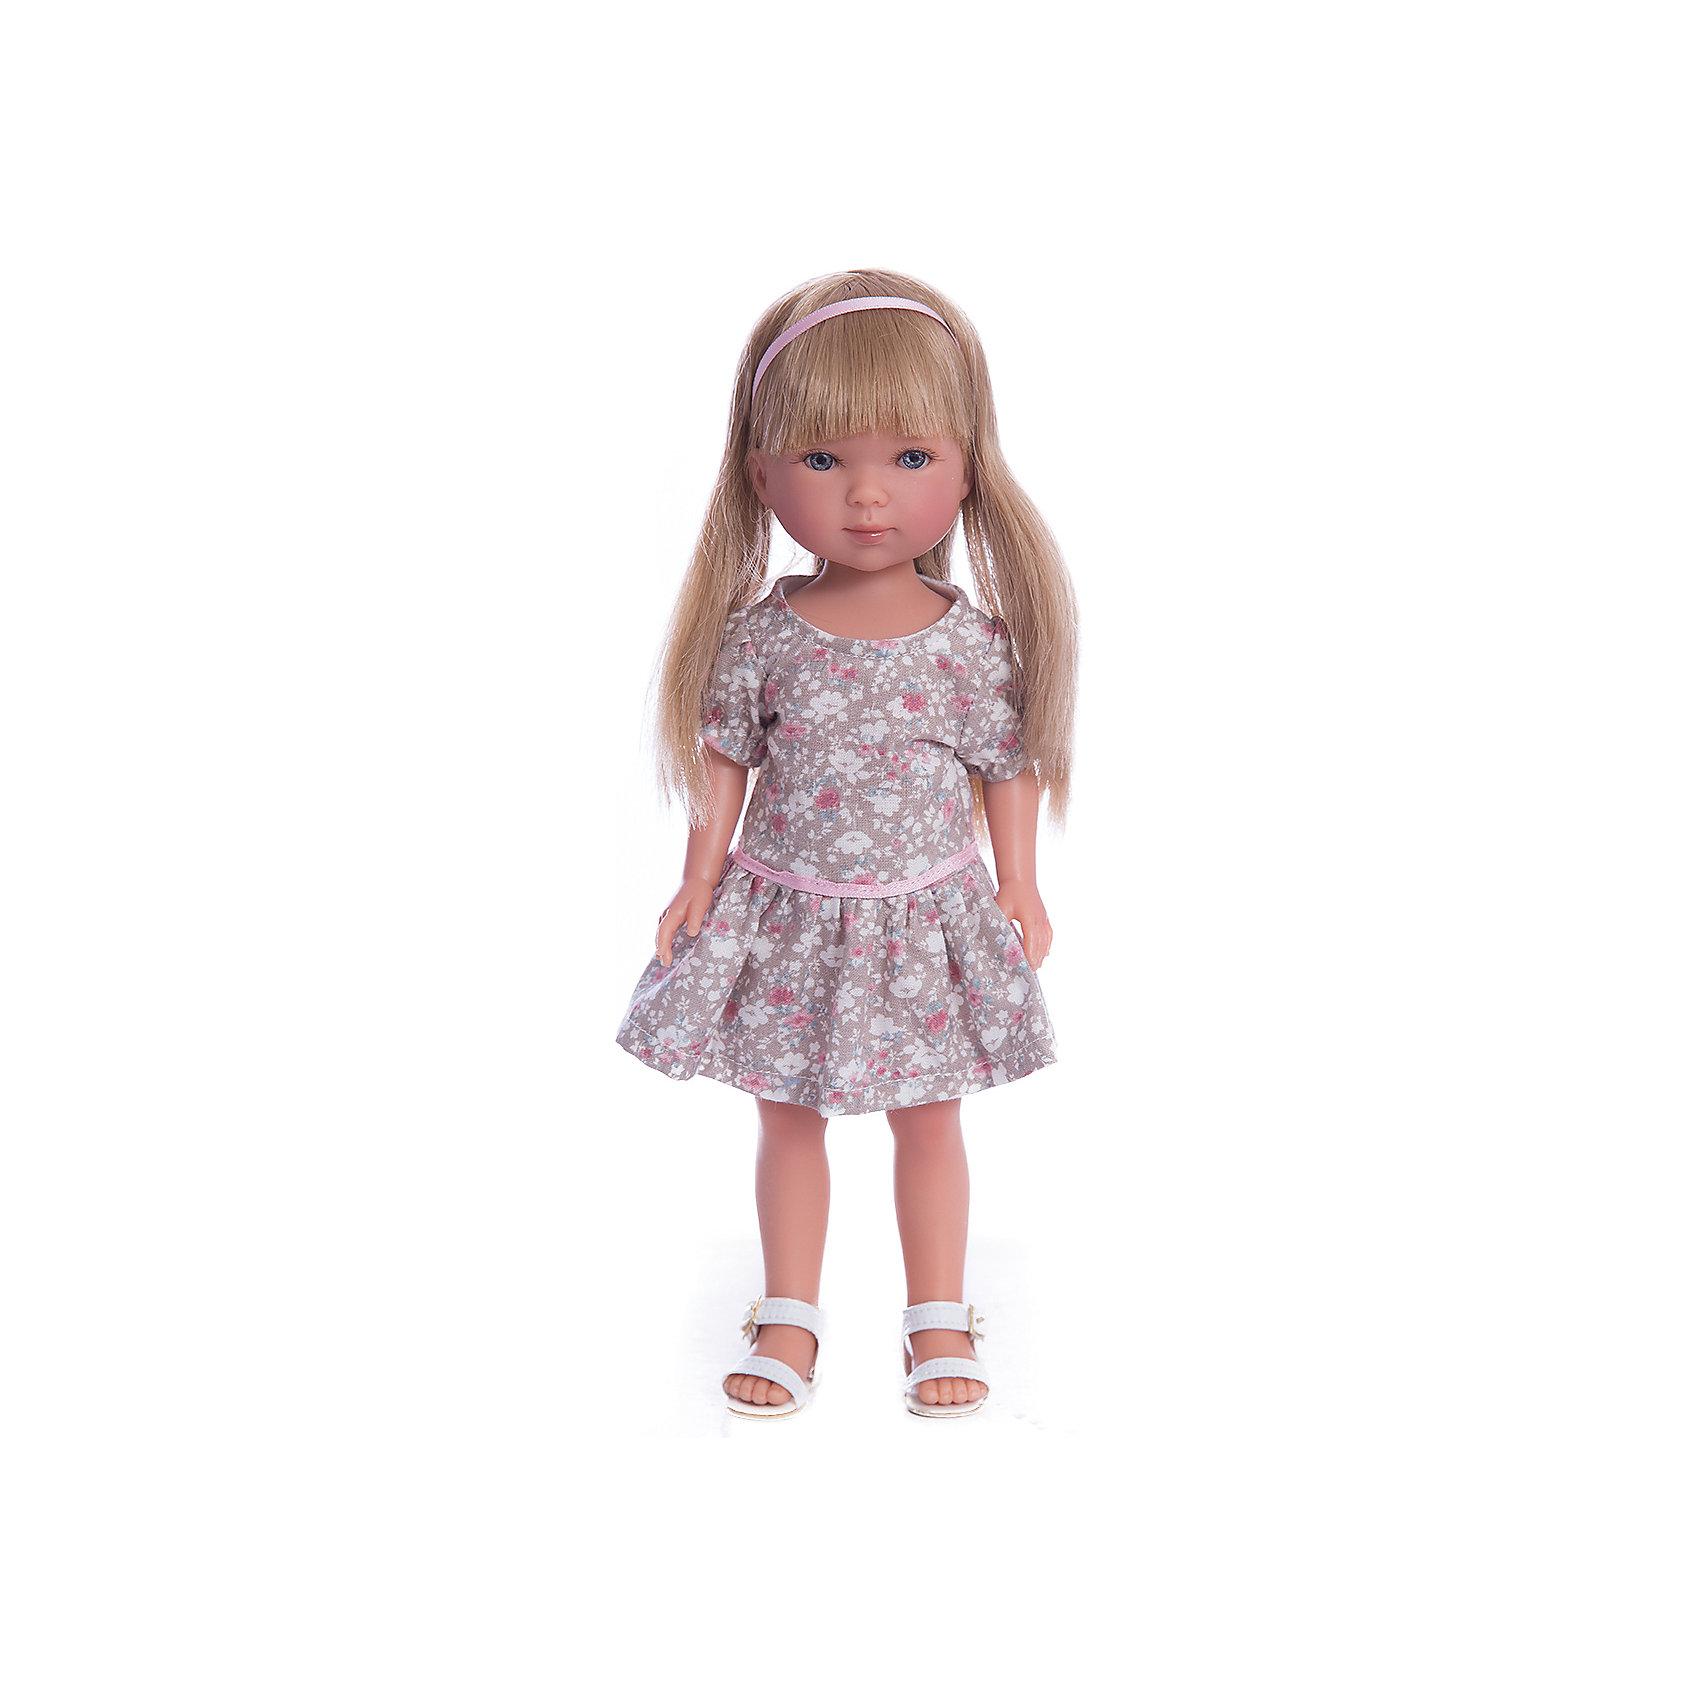 Кукла Карлотта, блондинка с челкой, Лето Кантри, Vestida de AzulКлассические куклы<br>Характеристики товара:<br><br>• возраст: от 3 лет;<br>• материал: винил, текстиль;<br>• в комплекте: кукла, платье;<br>• высота куклы: 28 см;<br>• размер упаковки: 34х15х9 см;<br>• вес упаковки: 355 гр.;<br>• страна производитель: Испания.<br><br>Кукла Карлотта блондинка с челкой «Лето Кантри» Vestida de Azul одета в платье с цветочным принтом и белые босоножки. У Карлотты милое личико с большими живыми глазками, щечками с легким румянцем. Густые светлые волосы с челкой очень похожи на натуральные. Девочка сможет расчесывать их, укладывать, заплетать, придумывая кукле разнообразные прически.<br><br>Куклу Карлотту блондинка с челкой «Лето Кантри» Vestida de Azul можно приобрести в нашем интернет-магазине.<br><br>Ширина мм: 195<br>Глубина мм: 95<br>Высота мм: 350<br>Вес г: 380<br>Возраст от месяцев: 36<br>Возраст до месяцев: 2147483647<br>Пол: Женский<br>Возраст: Детский<br>SKU: 6844334